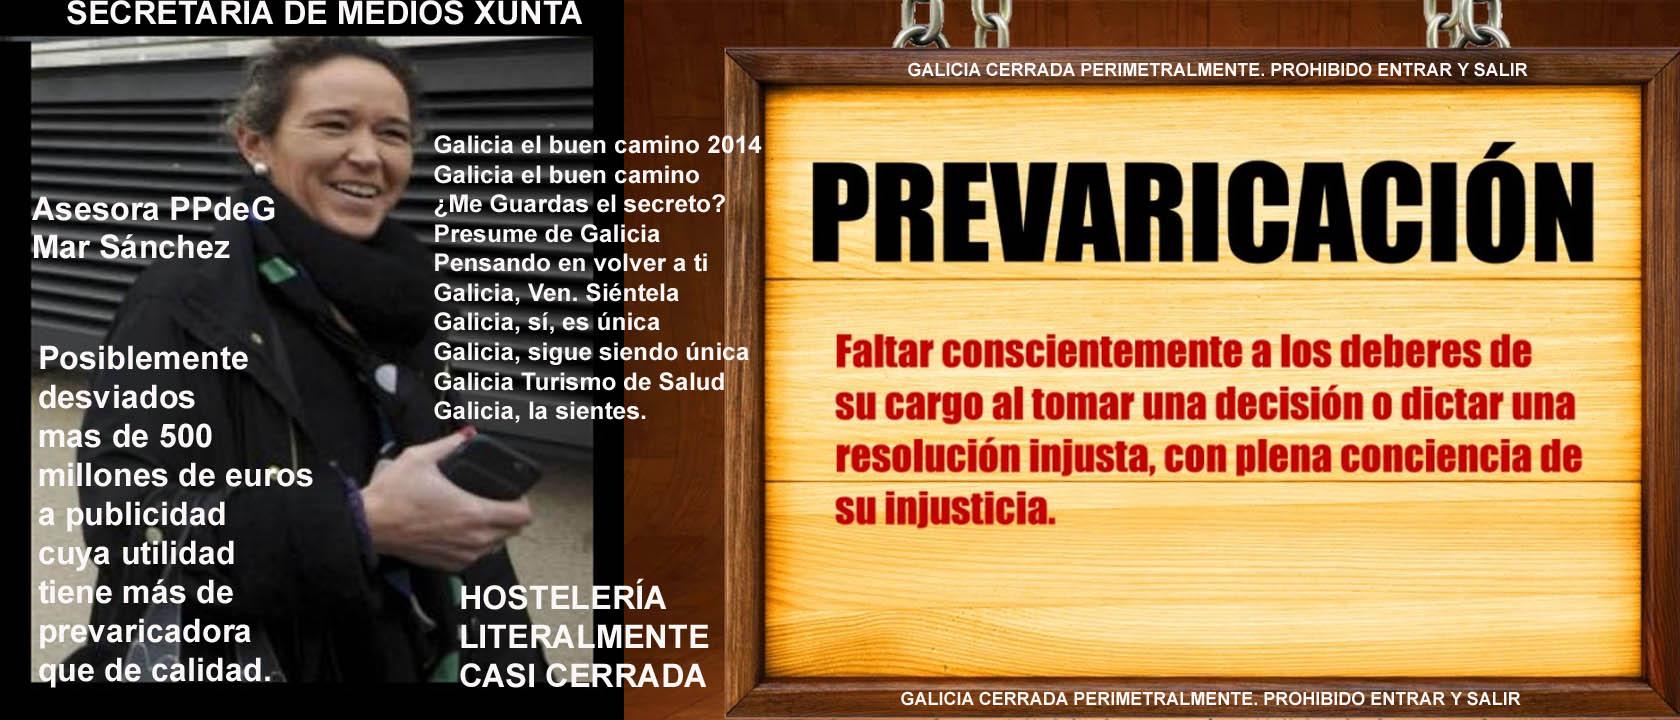 La Asesora del PPdeG Mar Sánchez se supera a si misma en regalar documentos  públicos de verdaderas FAKE NEWS de como se trafica con los fondos europeos  en la Xunta. - Xornal